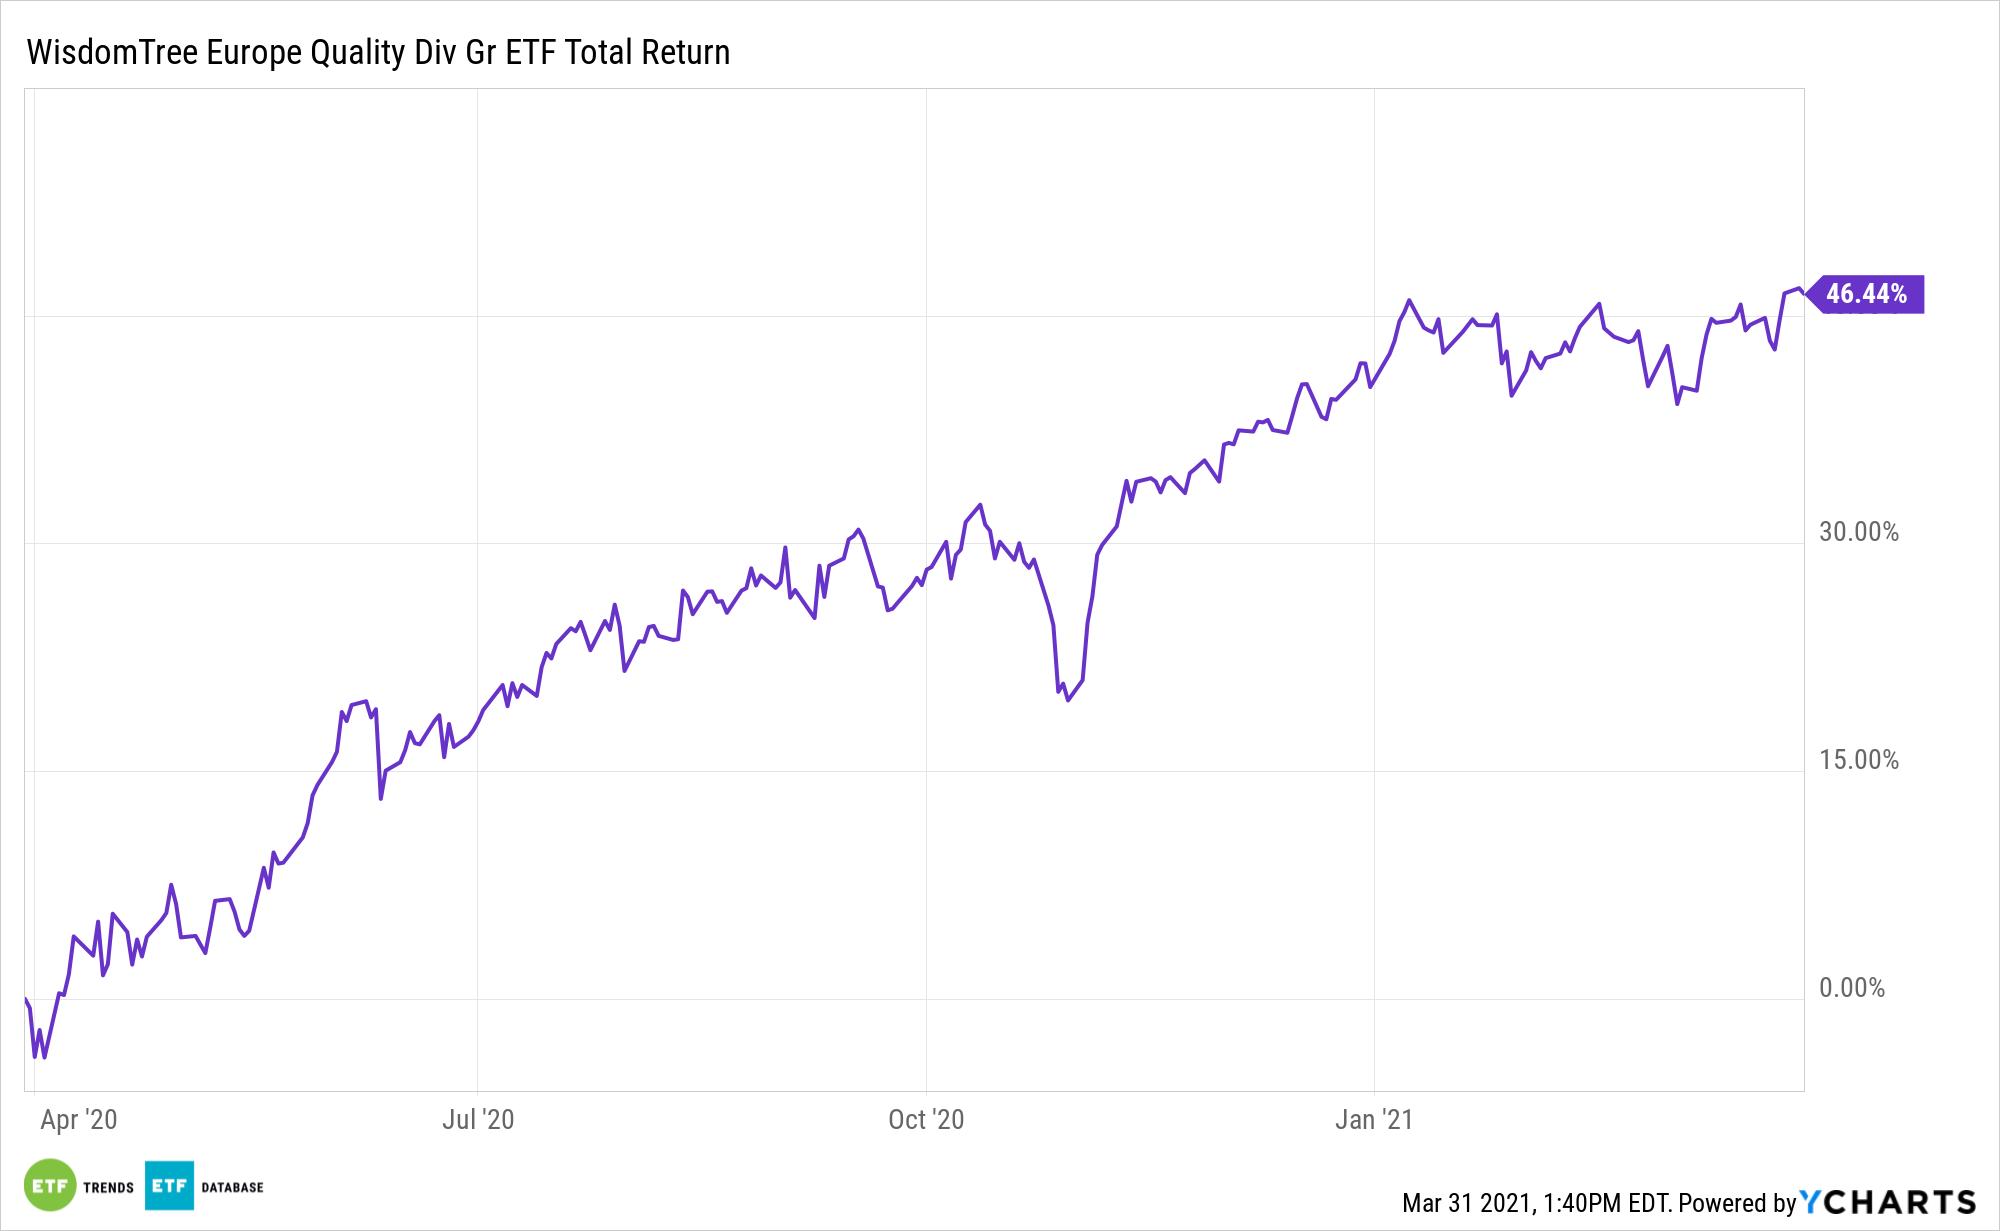 EUDG 1 Year Total Return